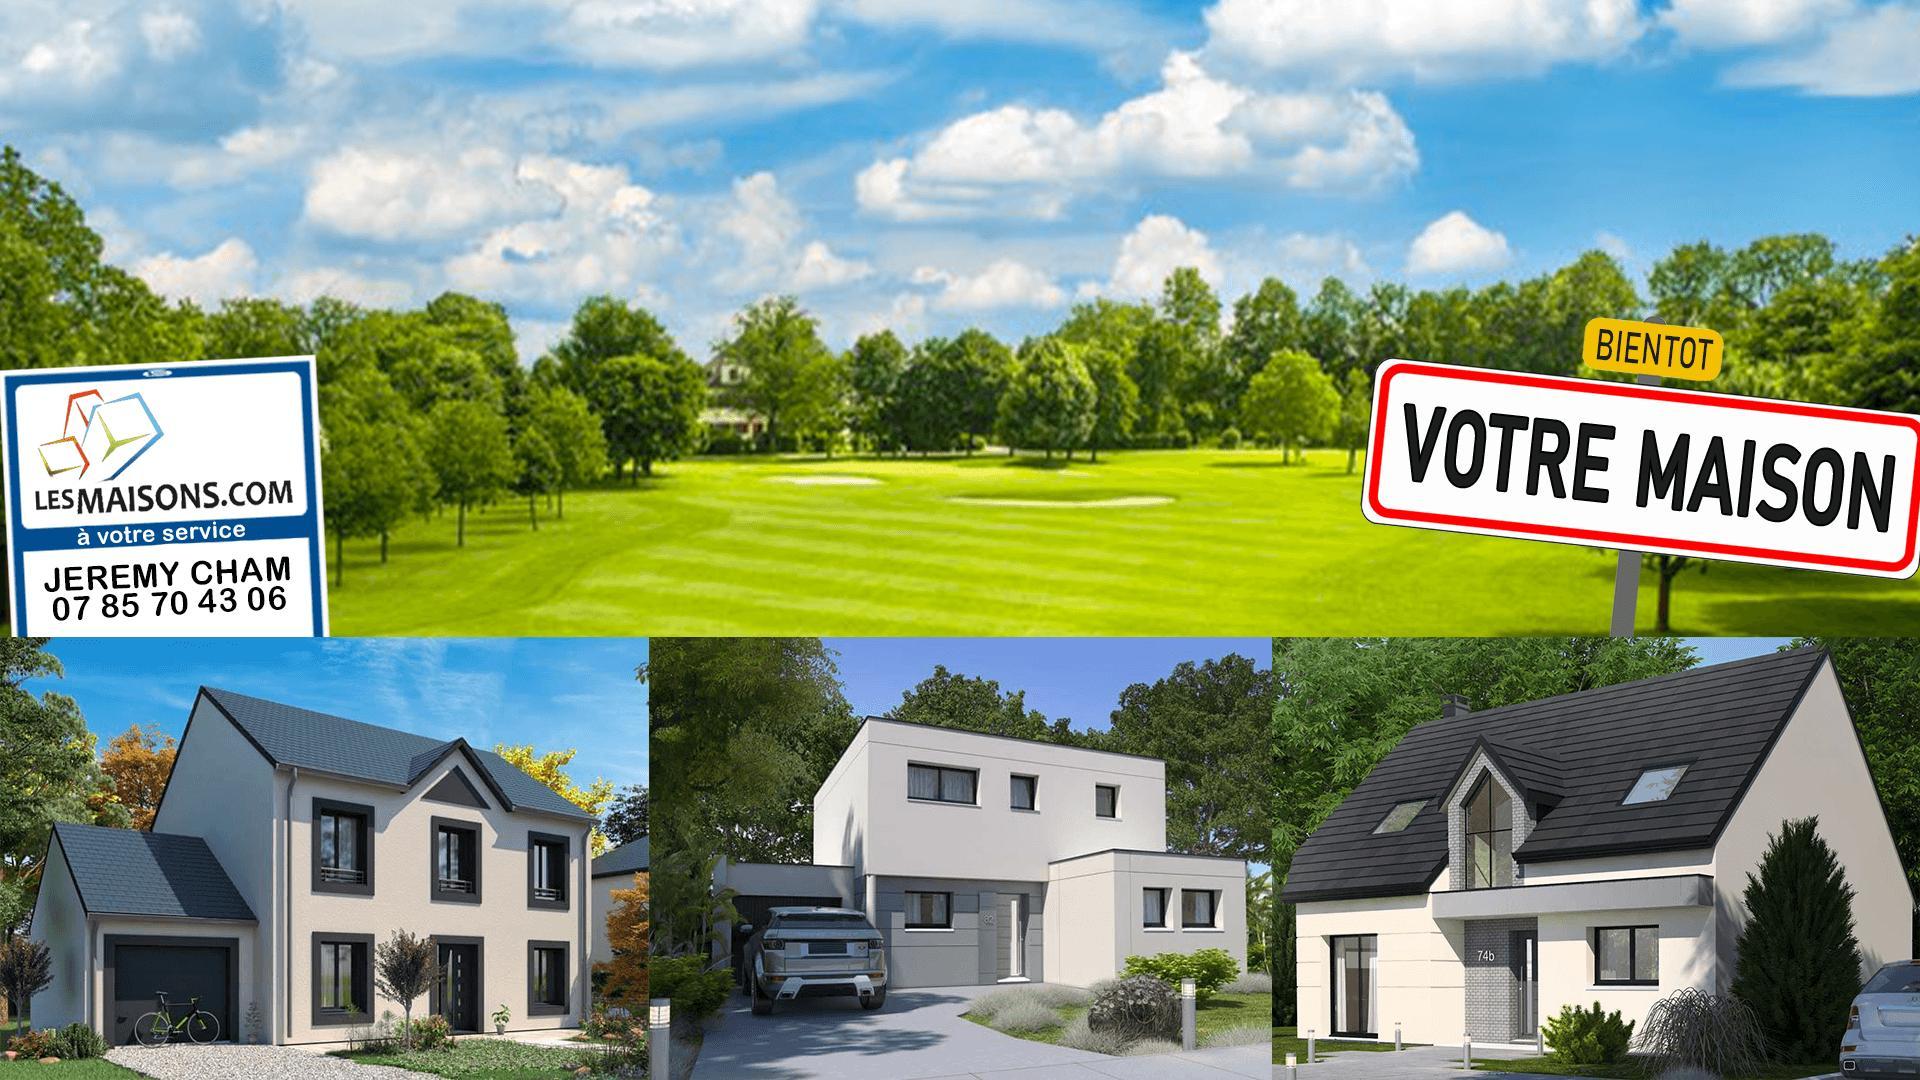 Maisons + Terrains du constructeur LES MAISONS.COM LA VILLE DU BOIS • 128 m² • LISSES